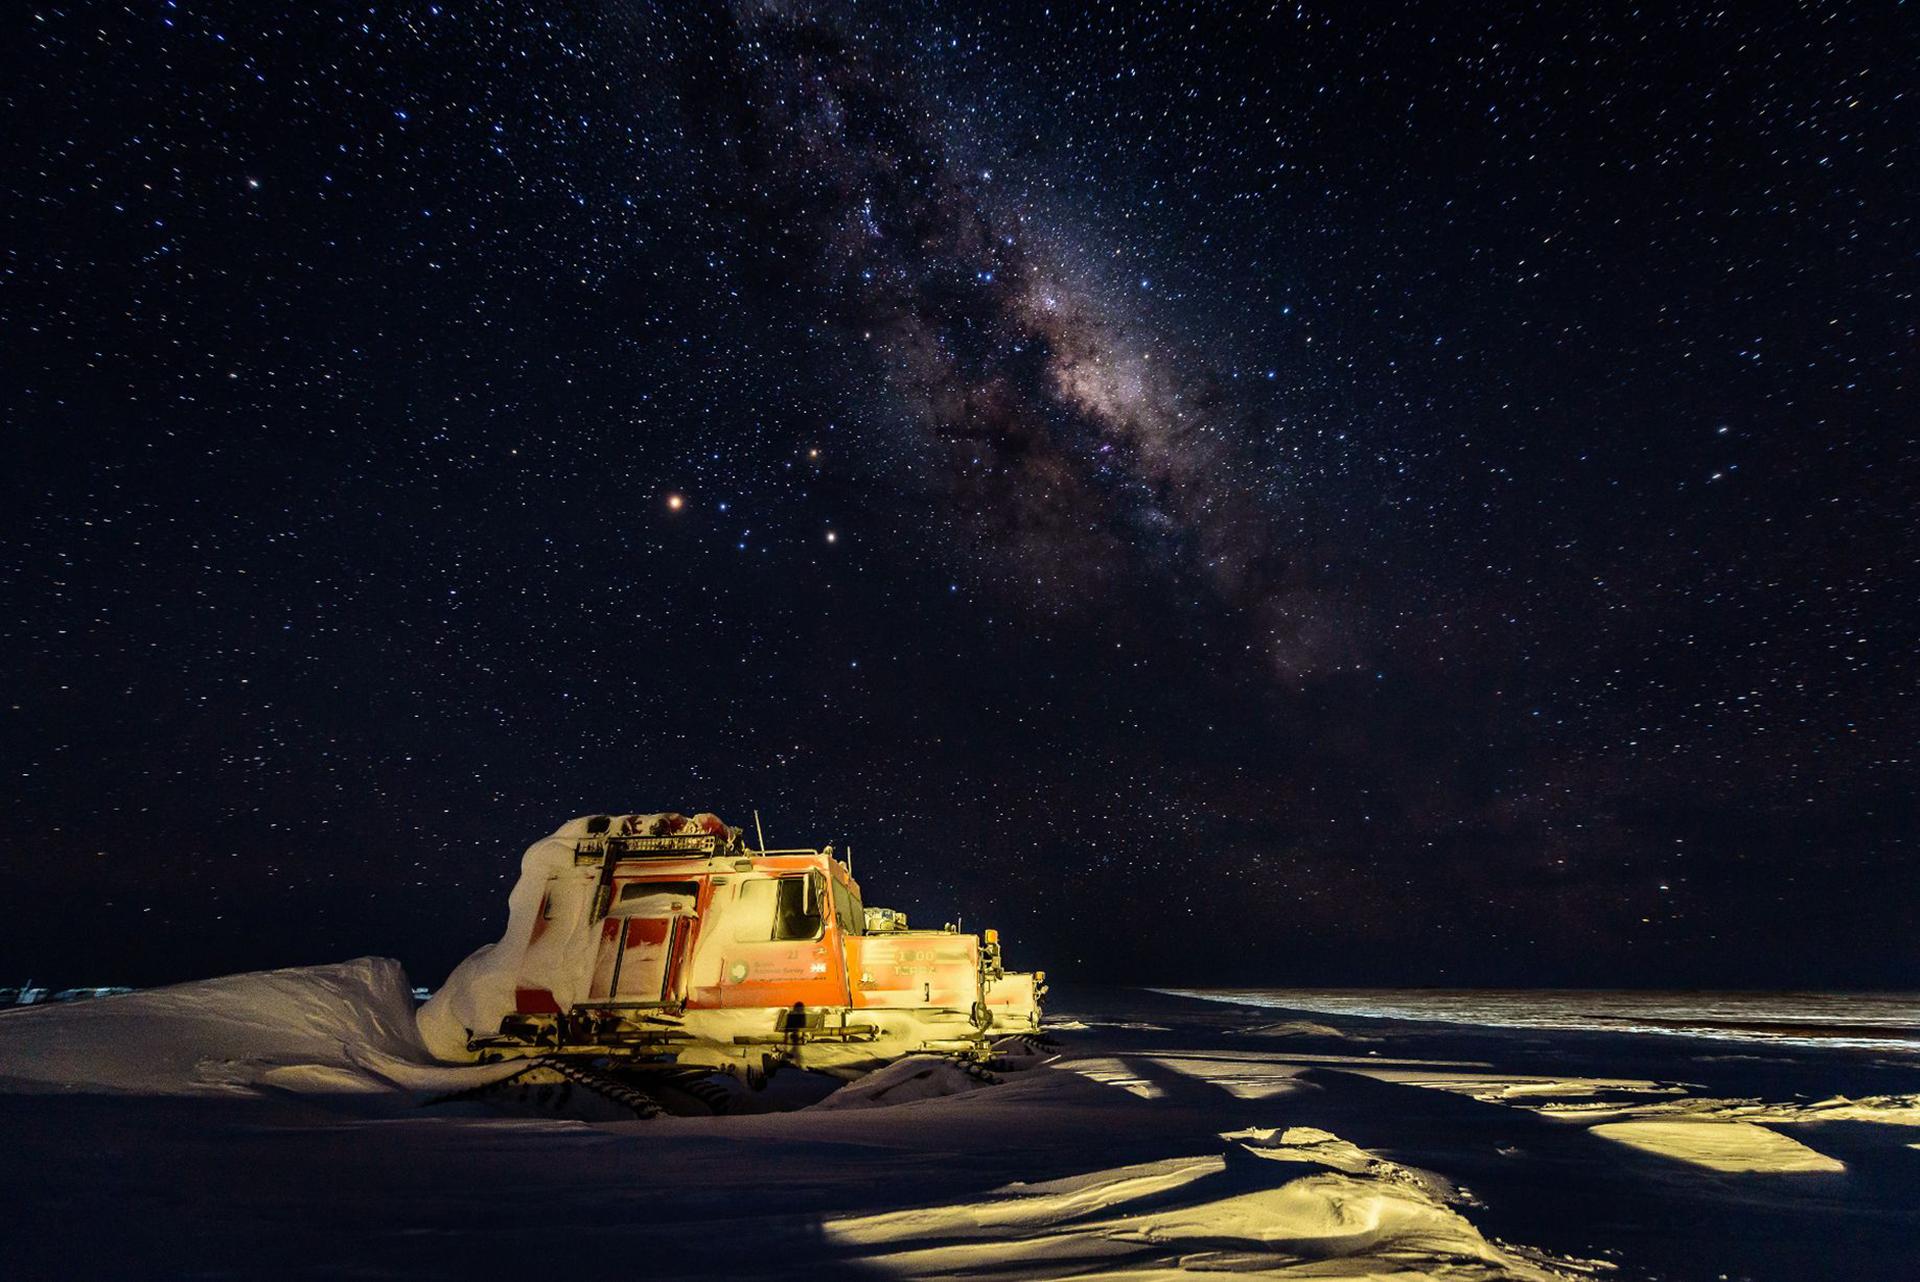 Un millón de estrellas. El cielo nocturno ofrece este tipo de imágenes